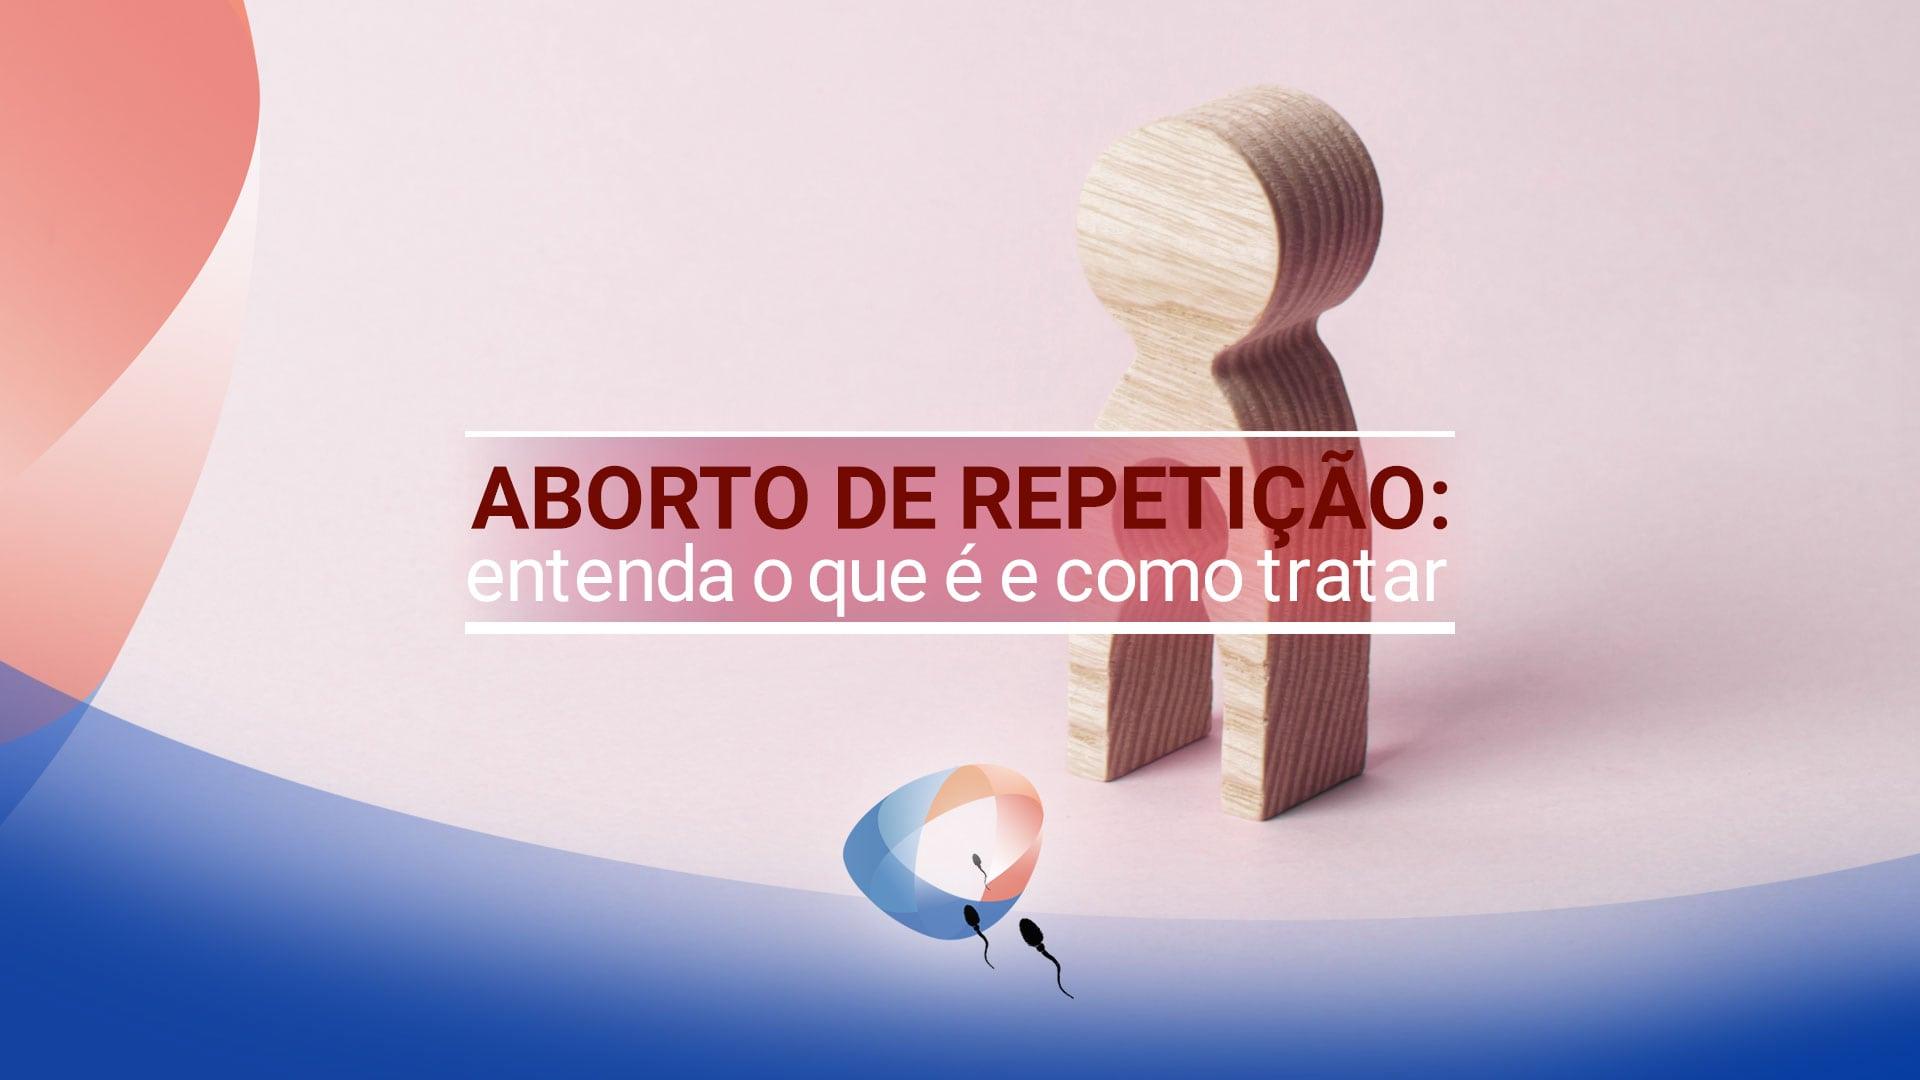 Aborto de repetição: entenda o que é e como tratar